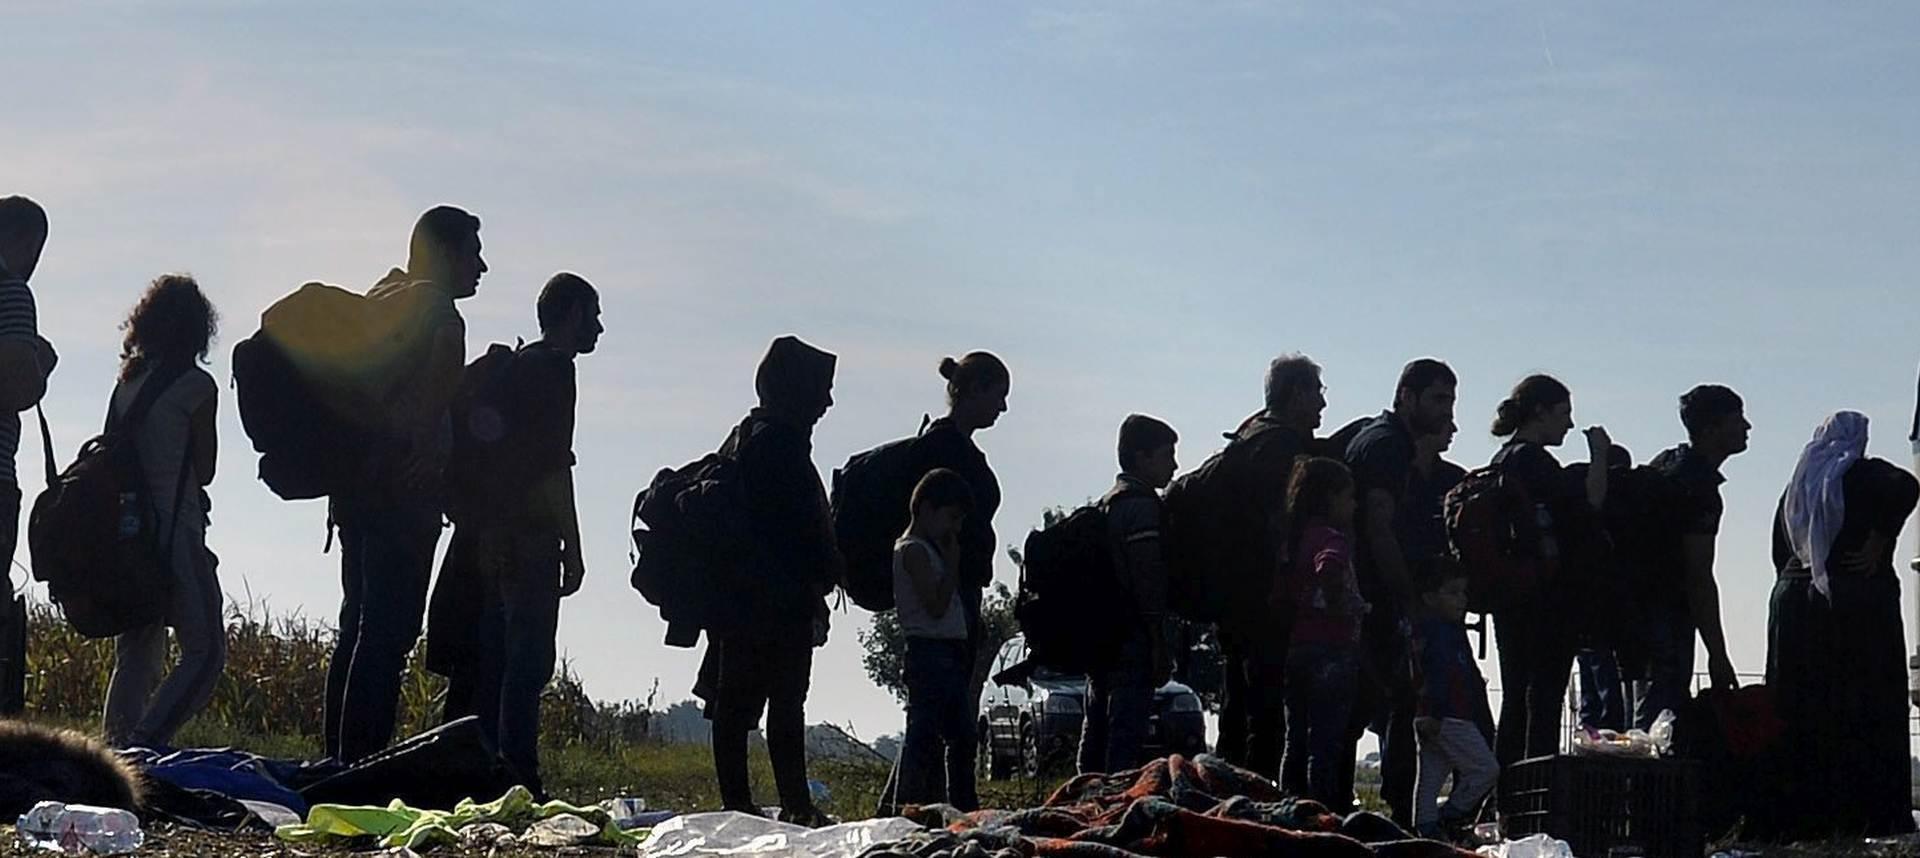 GRANIČNI PRIJELAZ BREGANA: Slovenska policija otkrila skupinu ilegalniih migranata